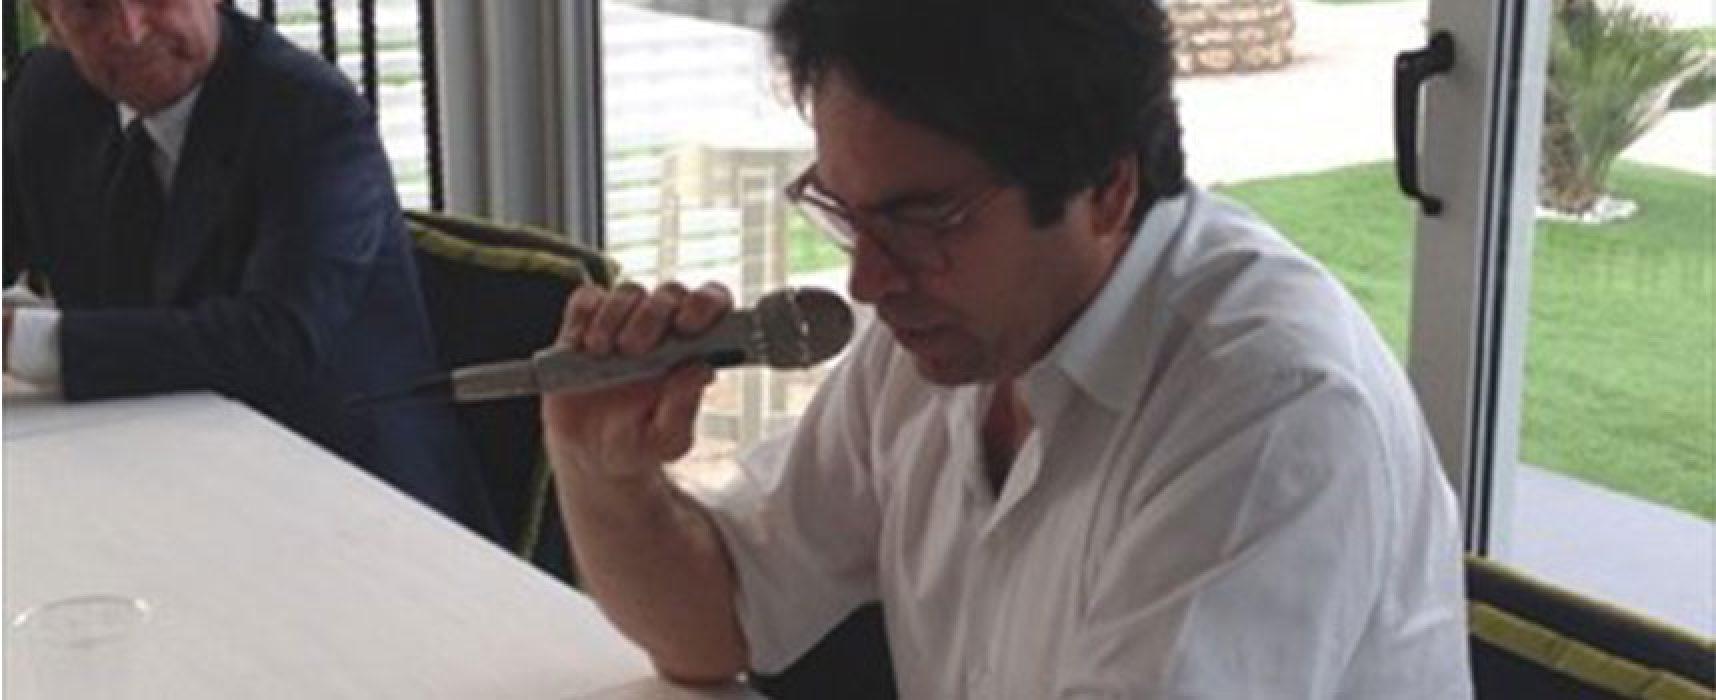 Unibat chiede immediato blocco del corso di inglese del Duc